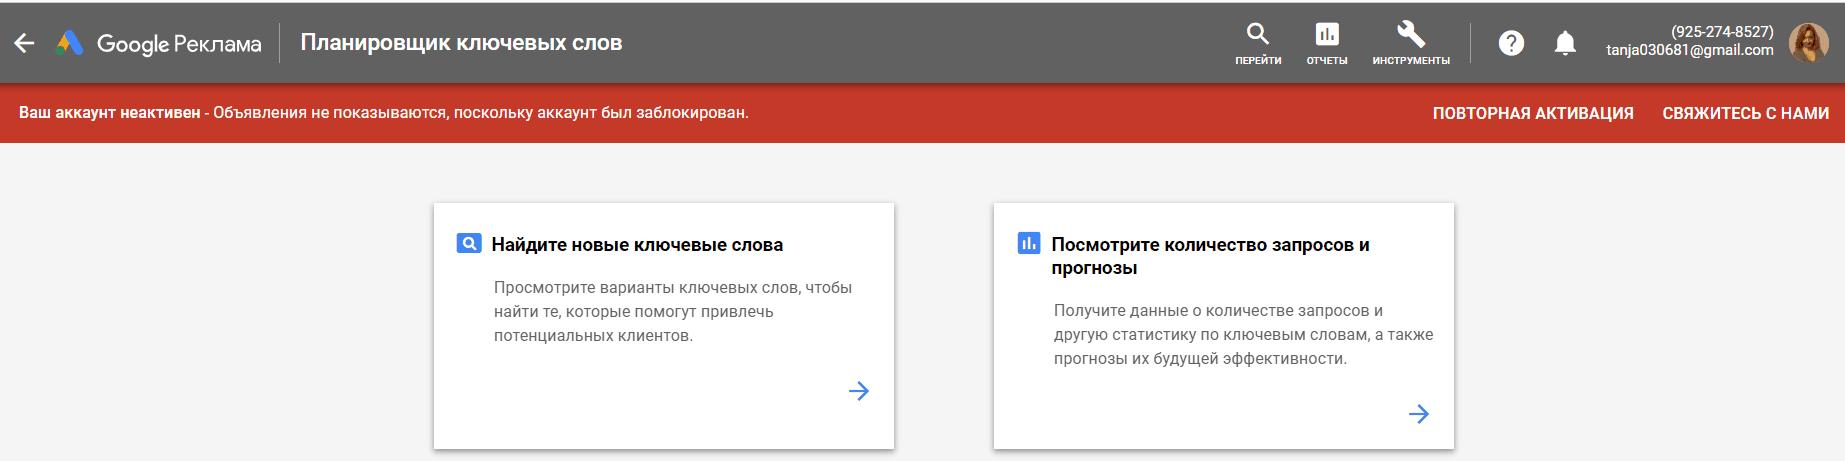 Семантическое ядро для сайта: сбор СЯ в Google Ads